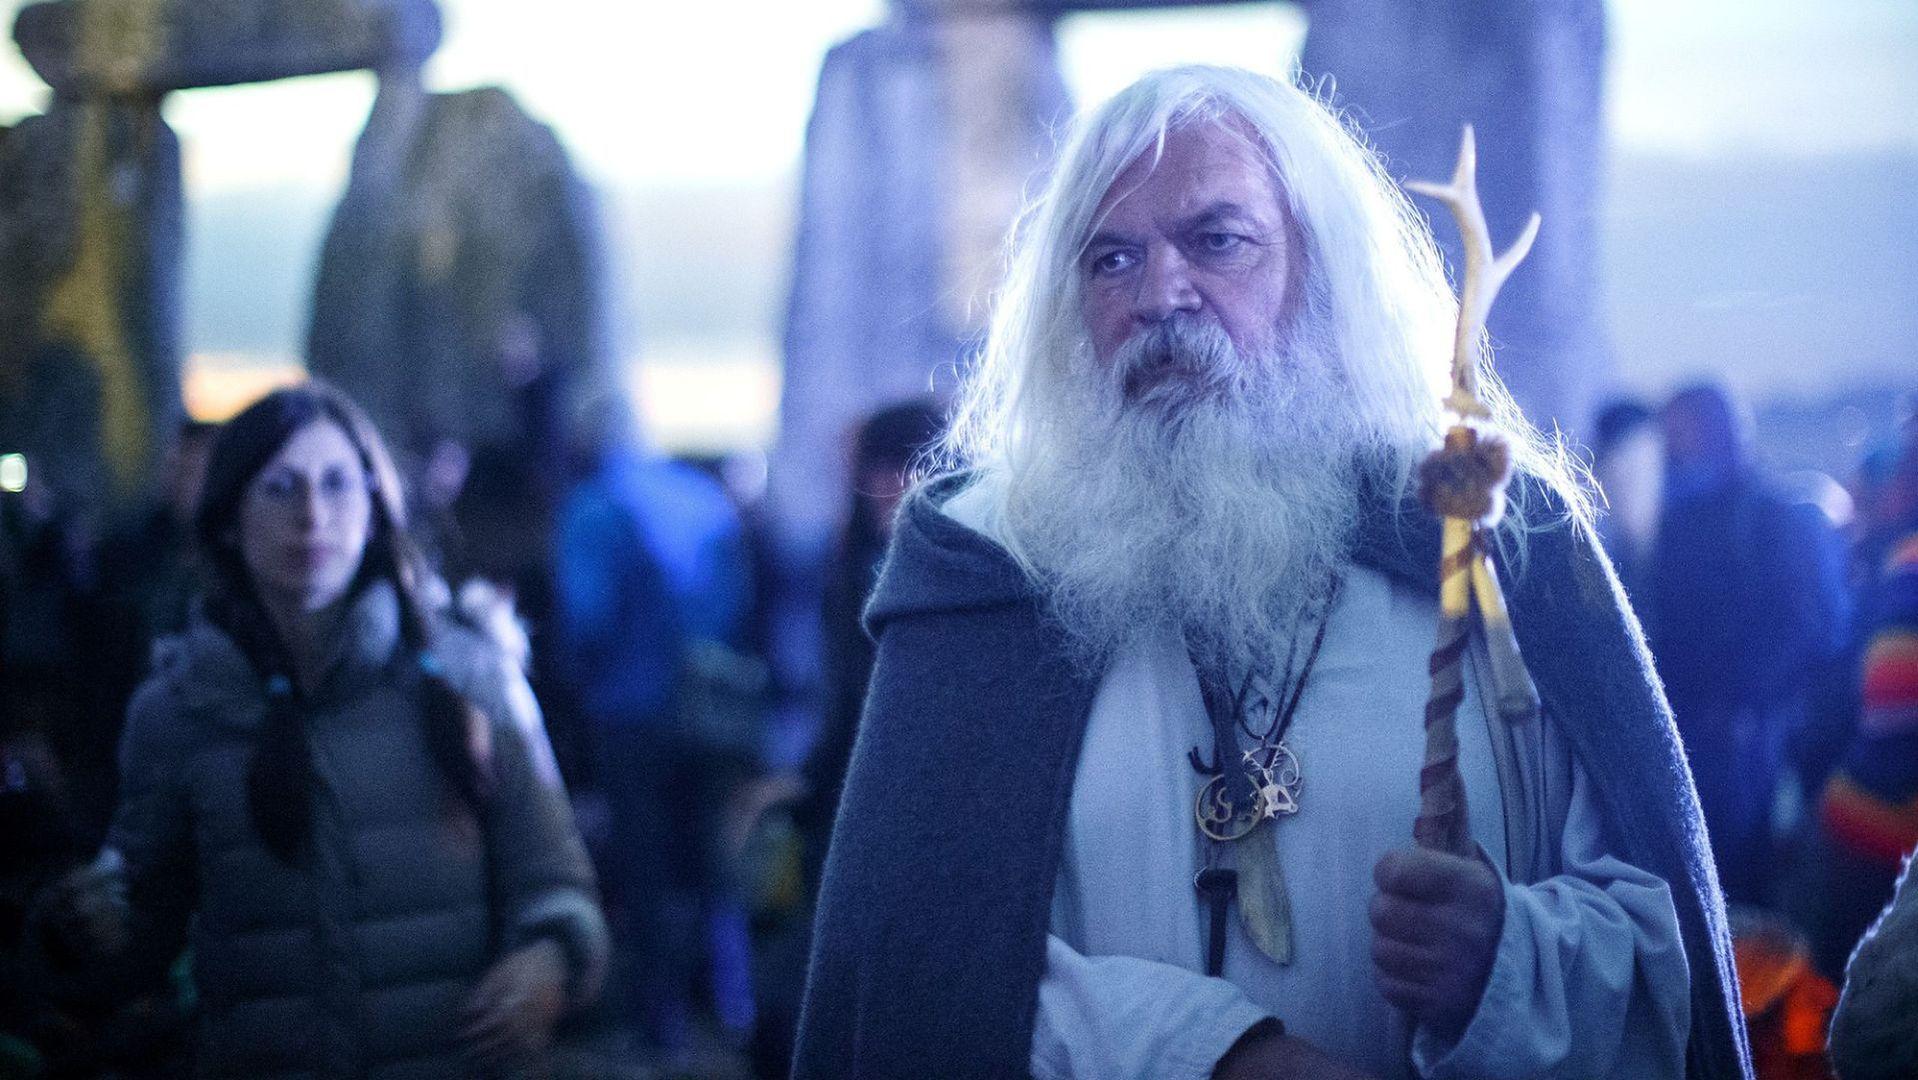 Druidzi zebrani w Stonehenge w wieczór poprzedzający letnie przesilenie.